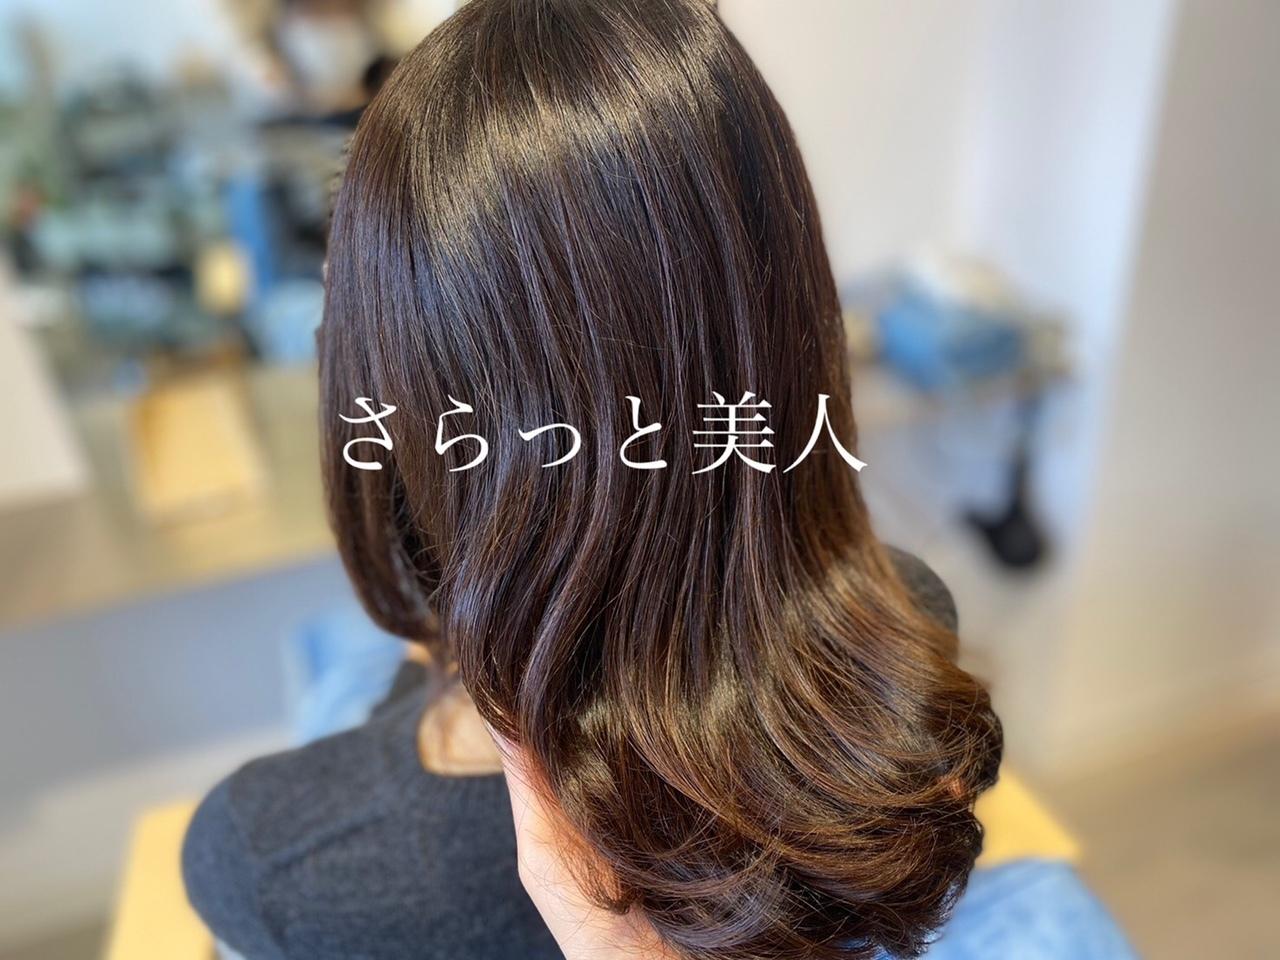 髪質改善をすると見違えるほどの艶と手触りが続いていきます。